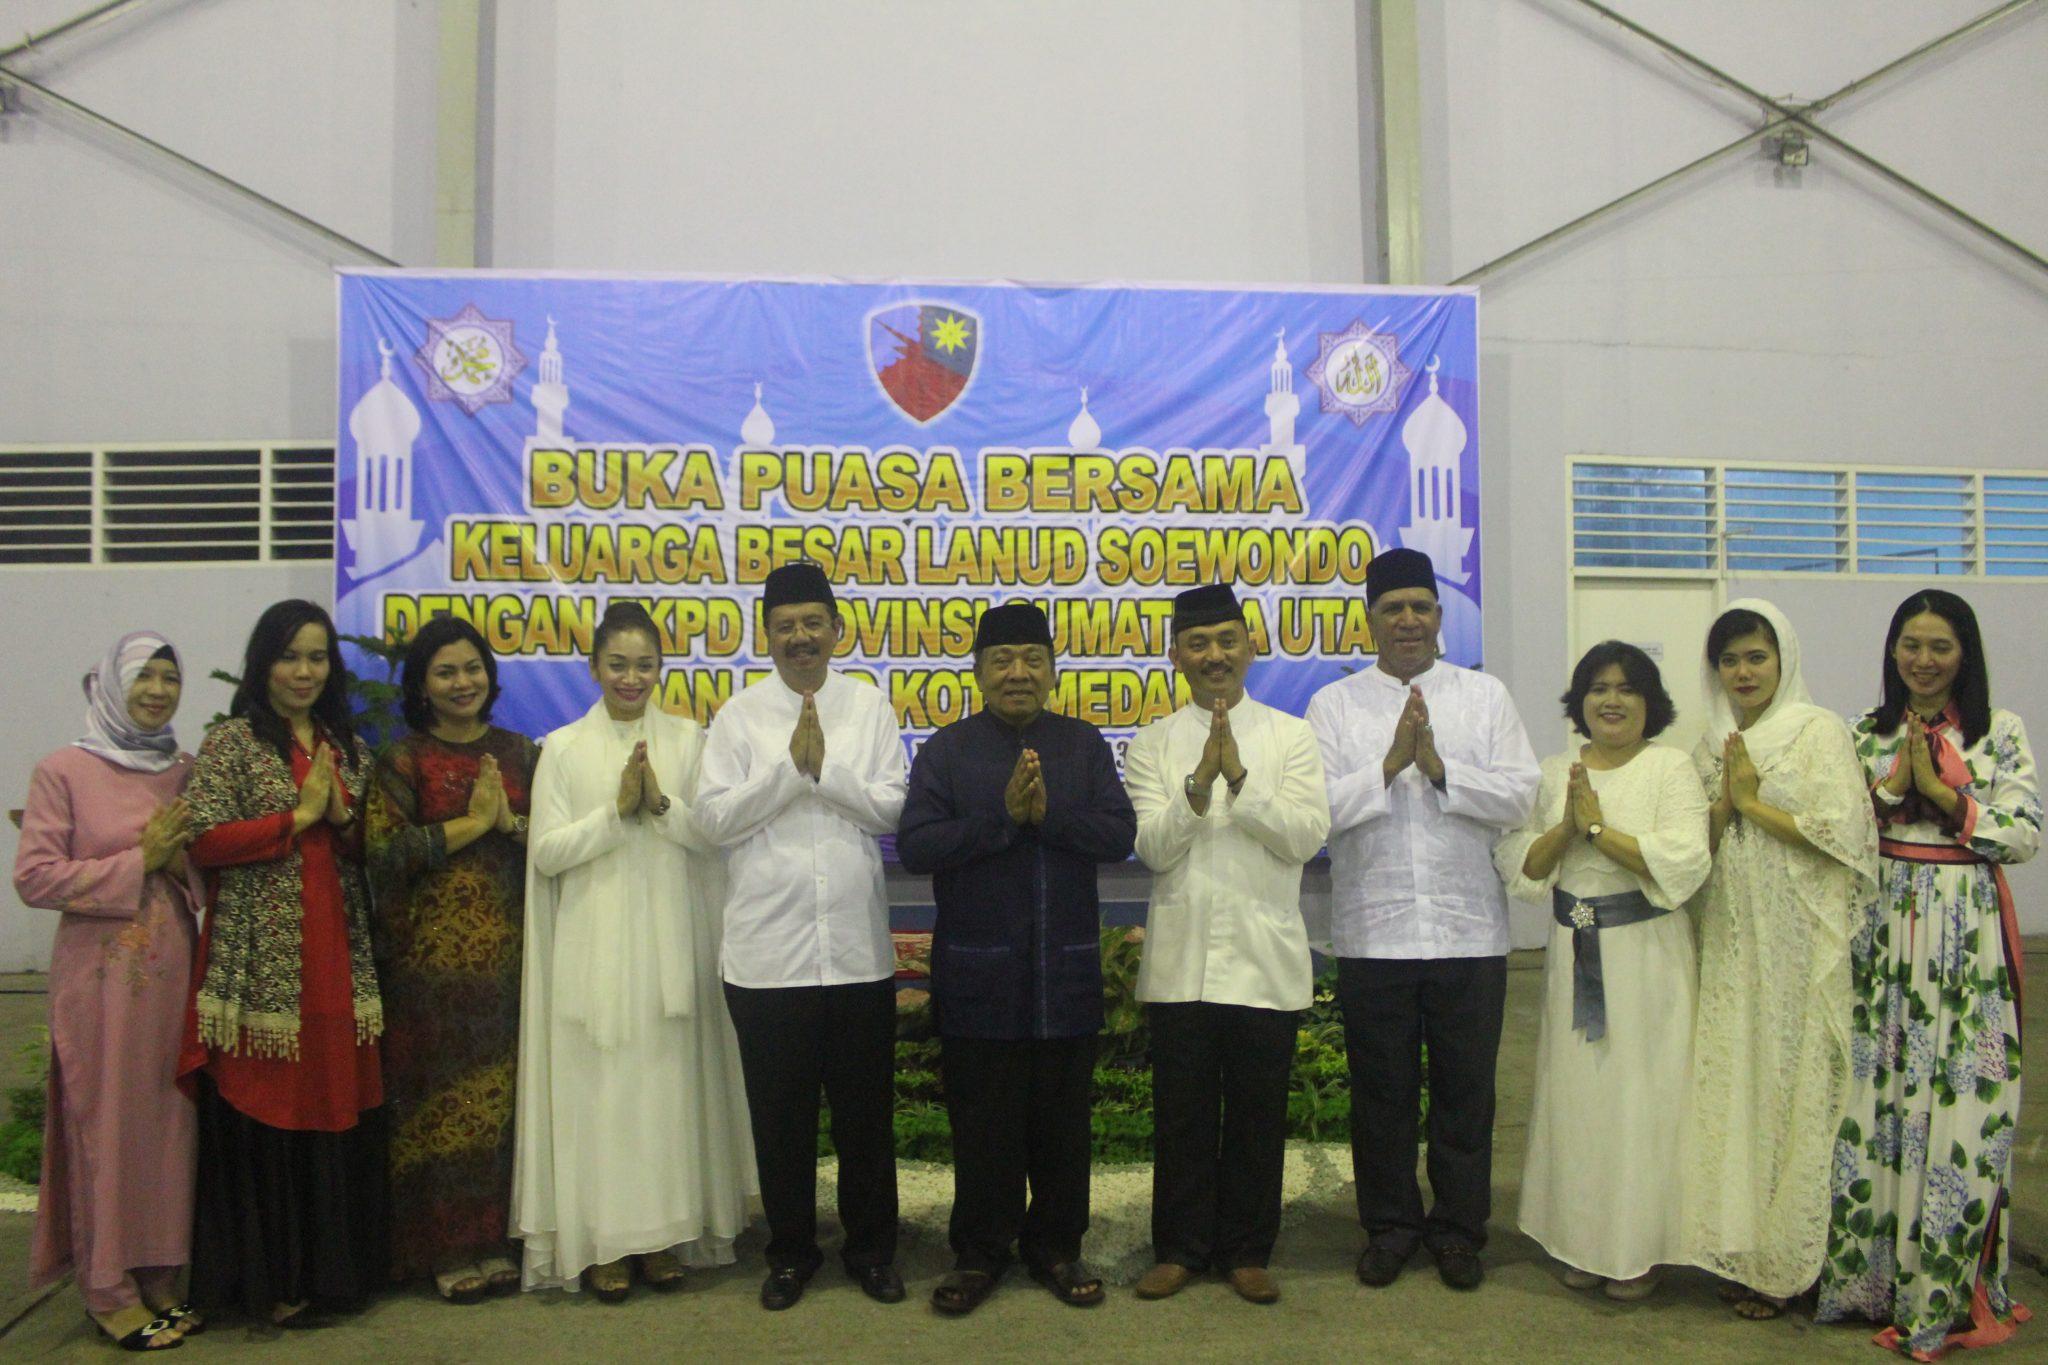 Buka Puasa Bersama Kel. Besar Lanud Soewondo Dengan FKPD Provinsi Sumut Dan FKPD Kota Medan